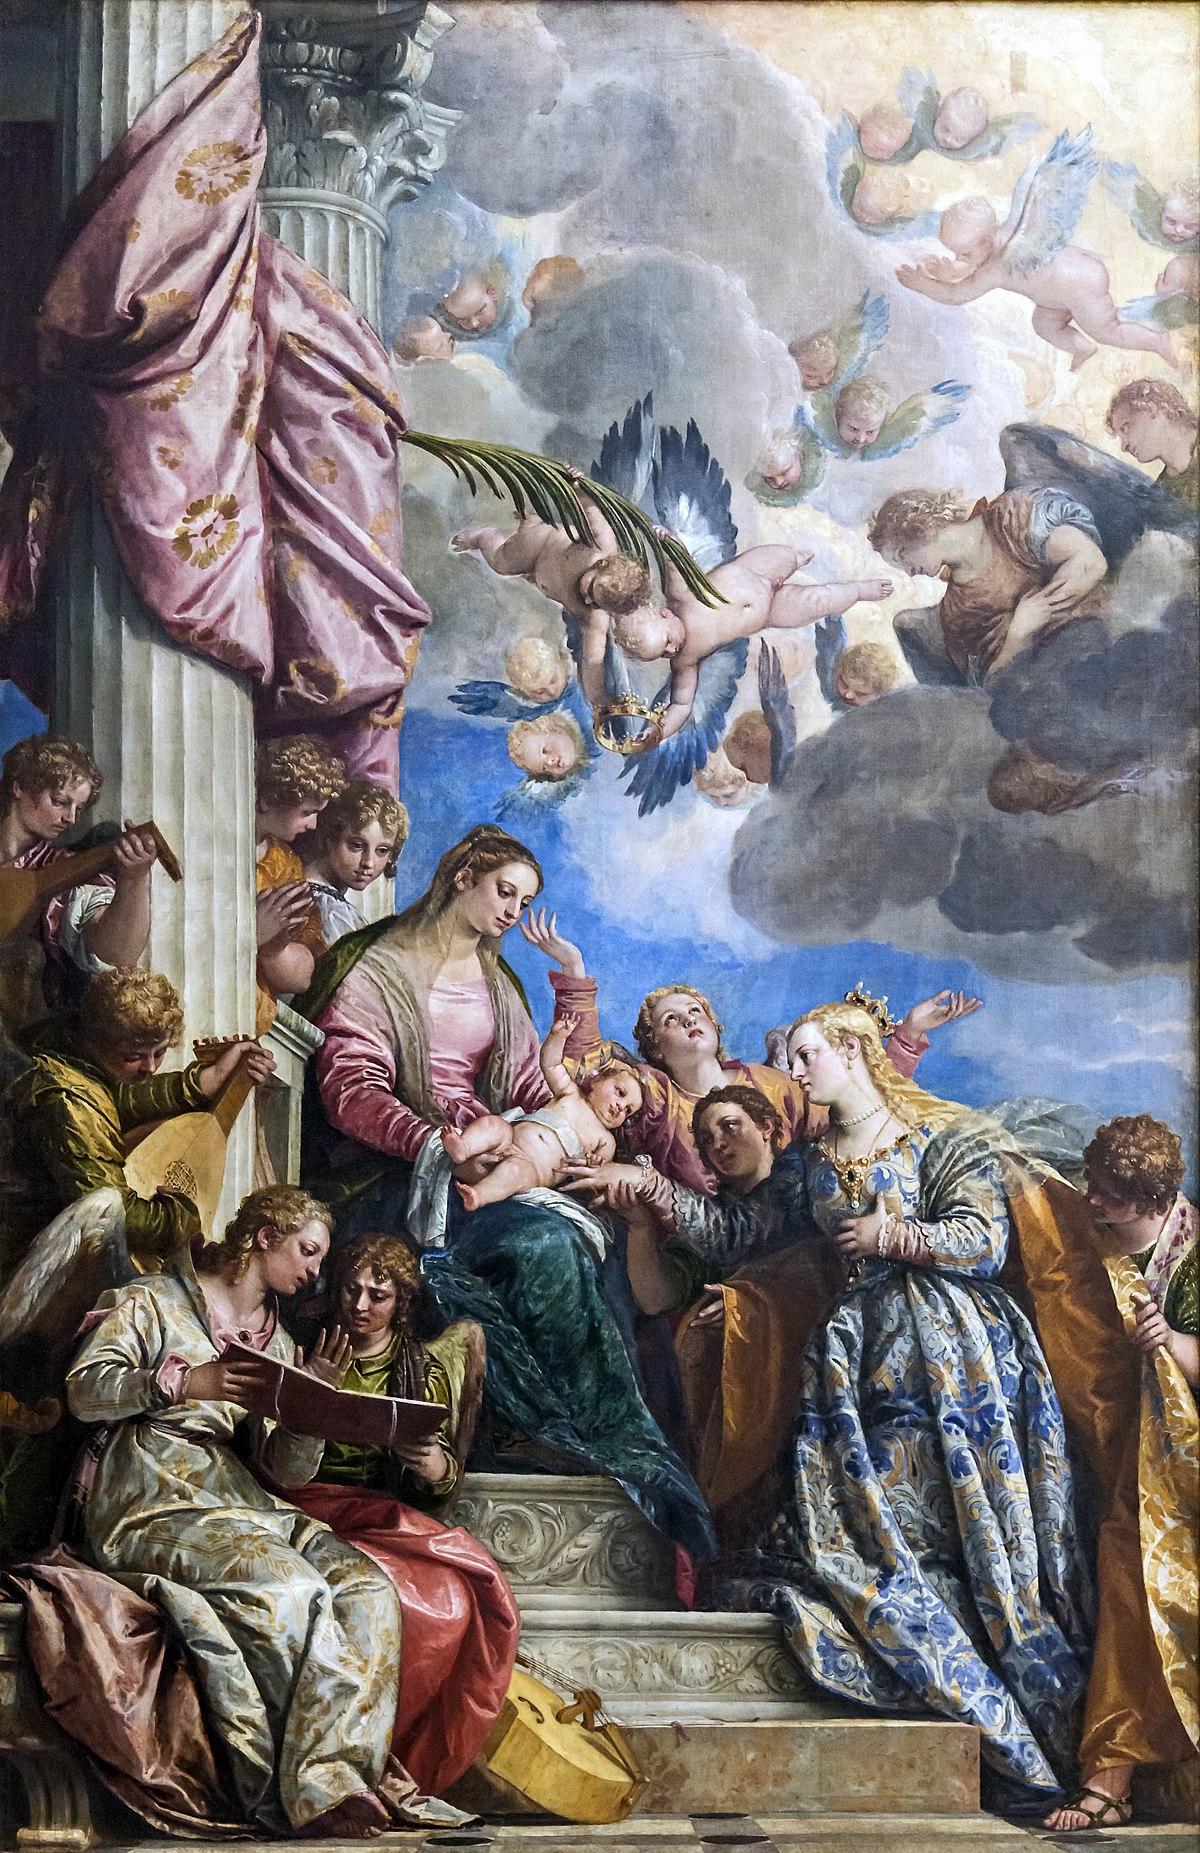 Le mariage mystique de sainte catherine v ron se wikip dia for Les jardins de catherine